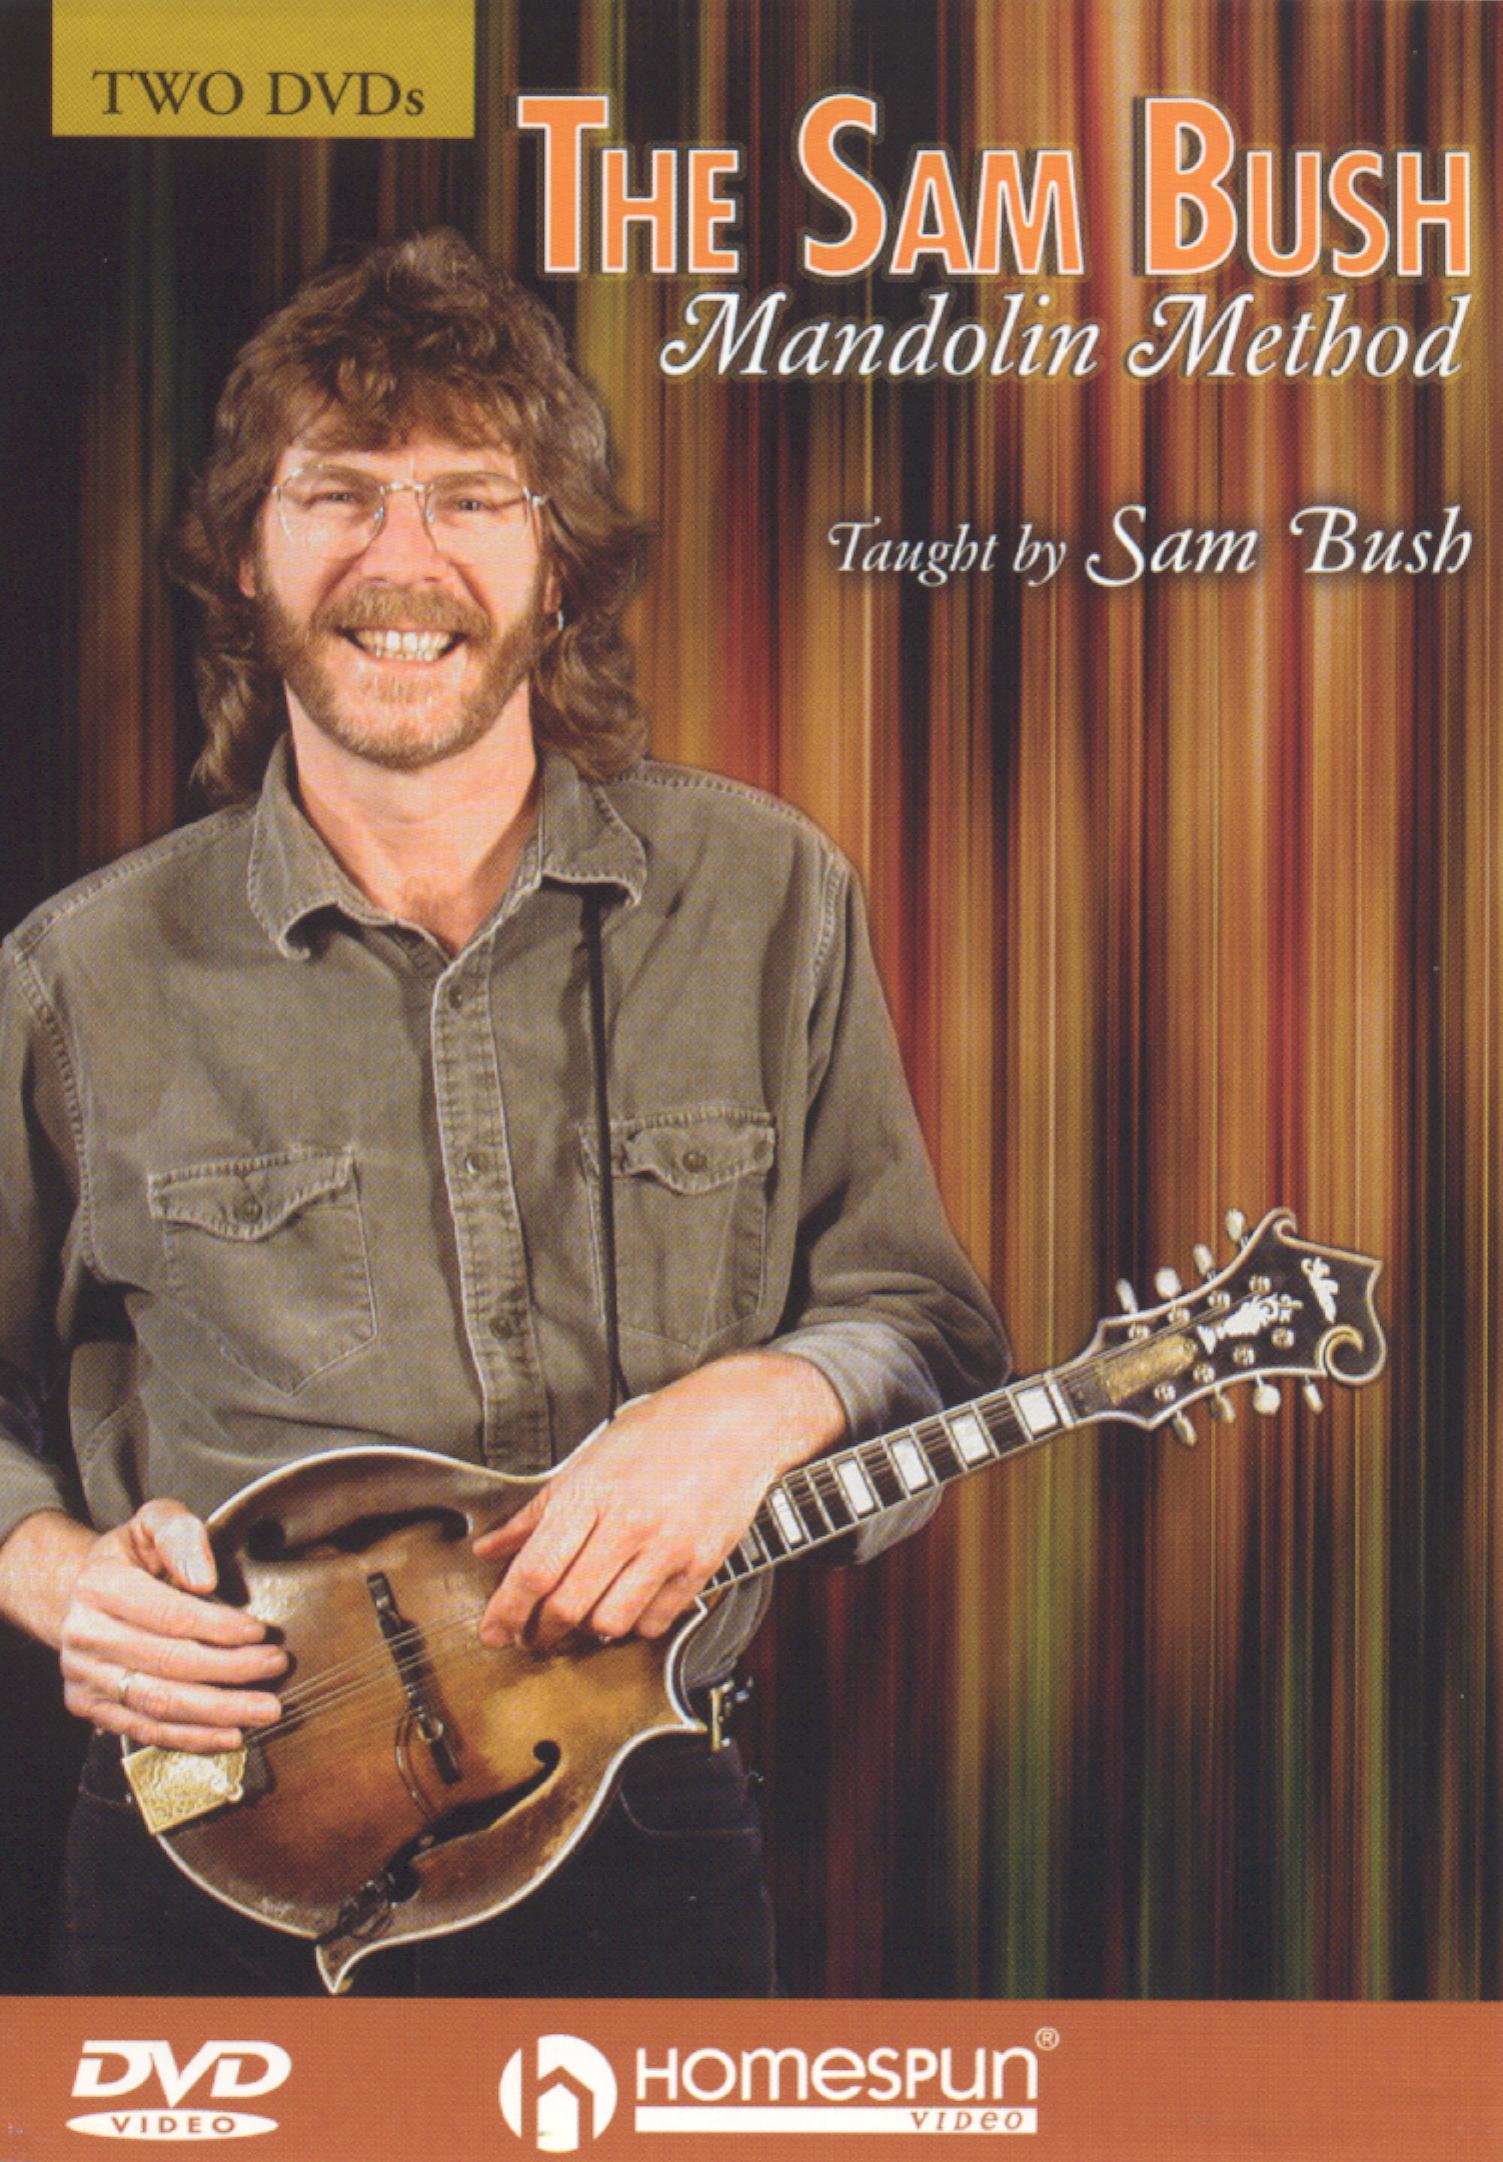 The Sam Bush Mandolin Method